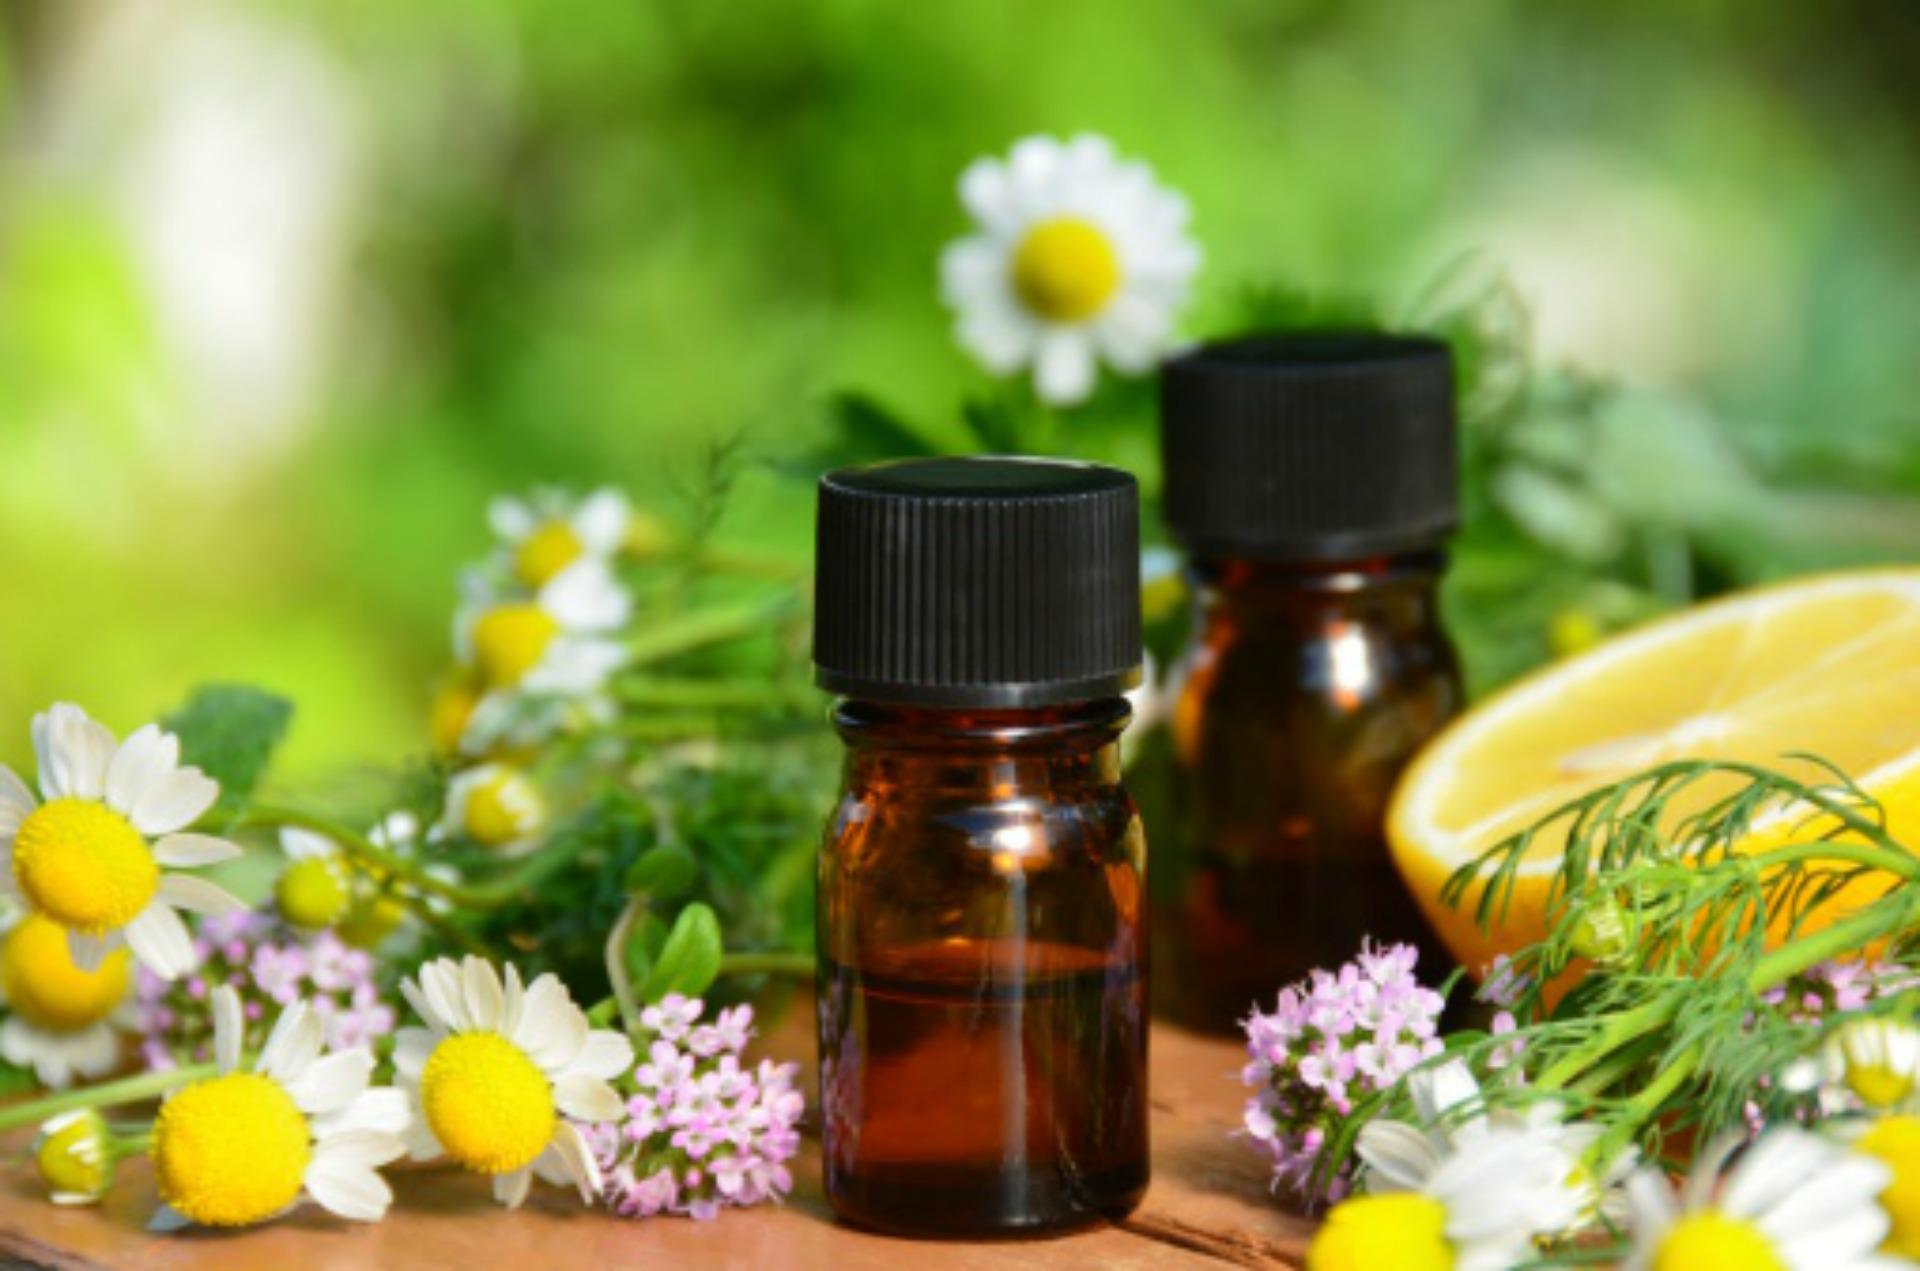 Xông mặt hoặc xông phòng bằng tinh dầu giúp giảm đau đầu